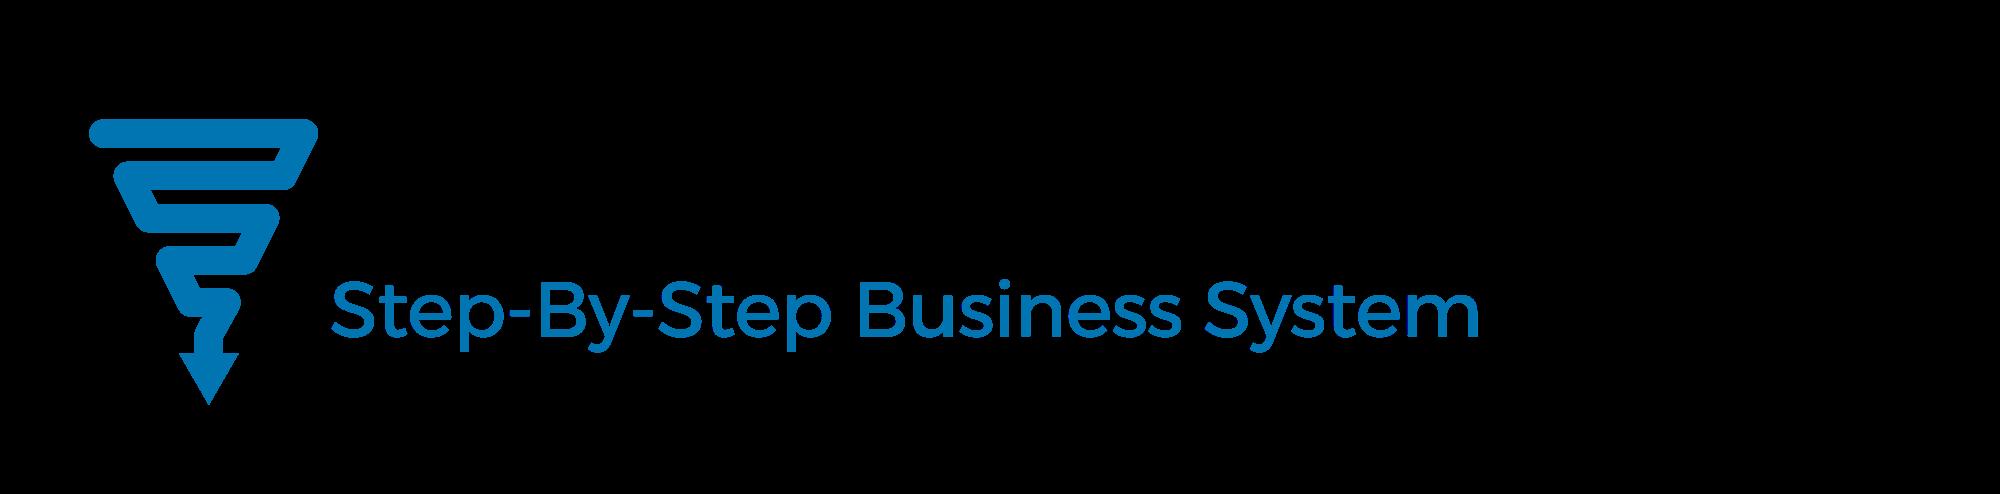 Sales Funnel Blueprint-logo (1).png